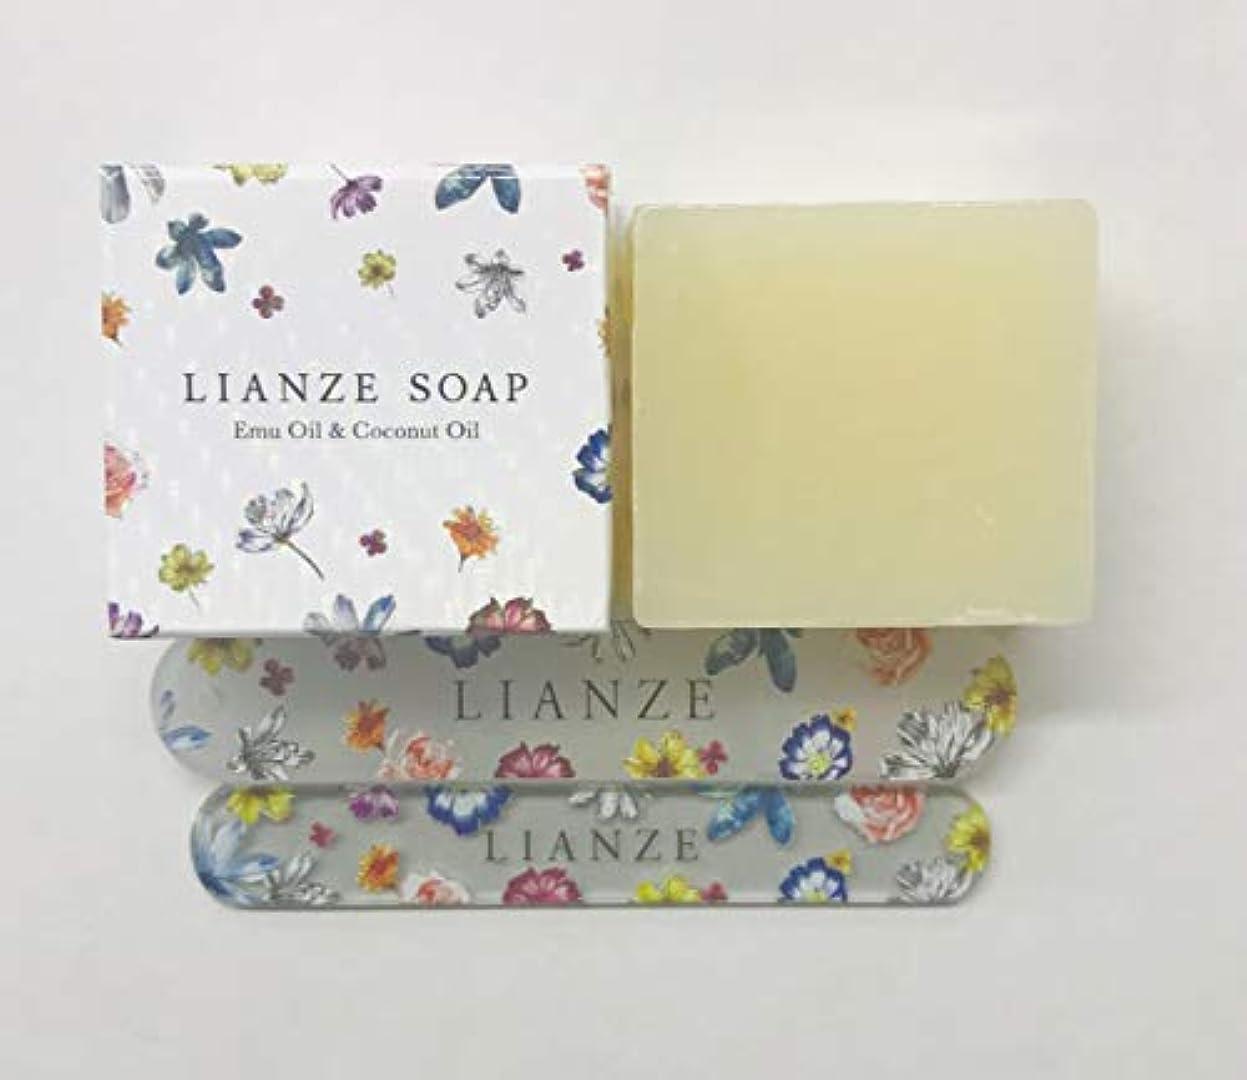 インペリアル常習者ロマンチックギフト プレゼント [ LIANZE ギフトセット ] 洗顔 石鹸 爪磨き